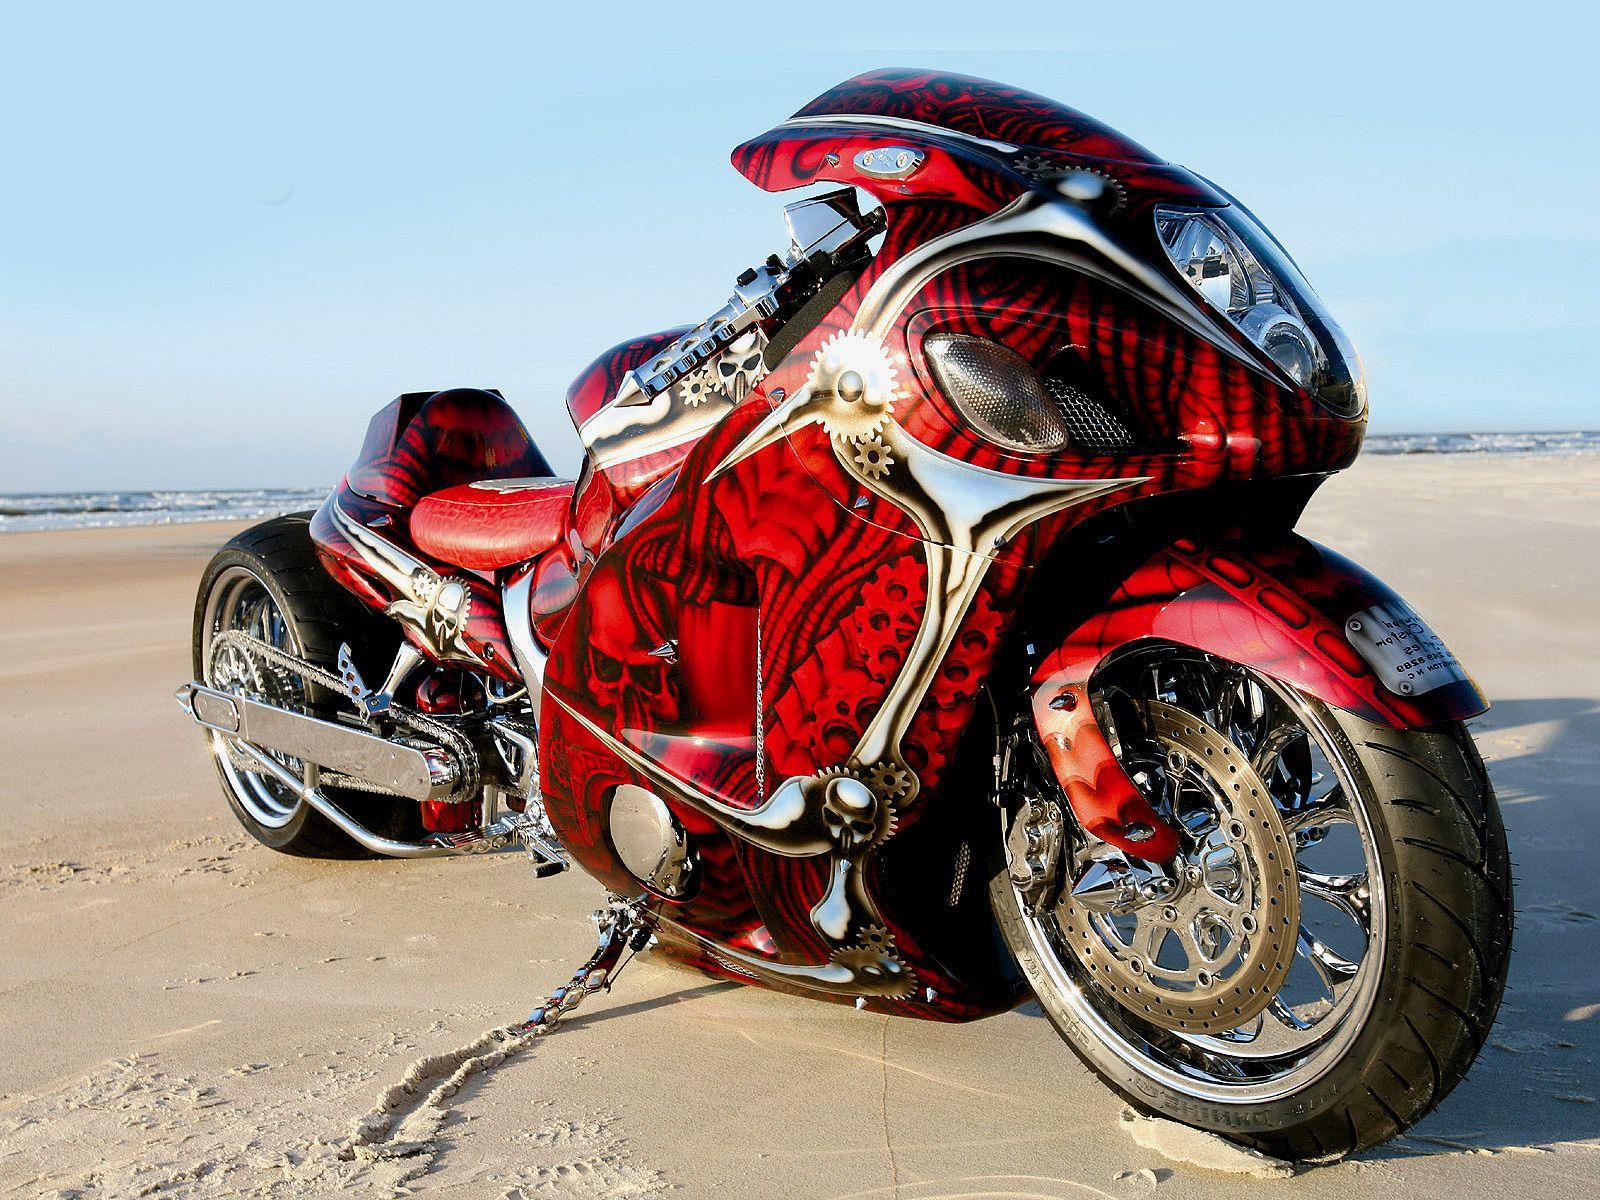 Custom Motorcycle Wallpaper Hd Wallpapers wallepapers